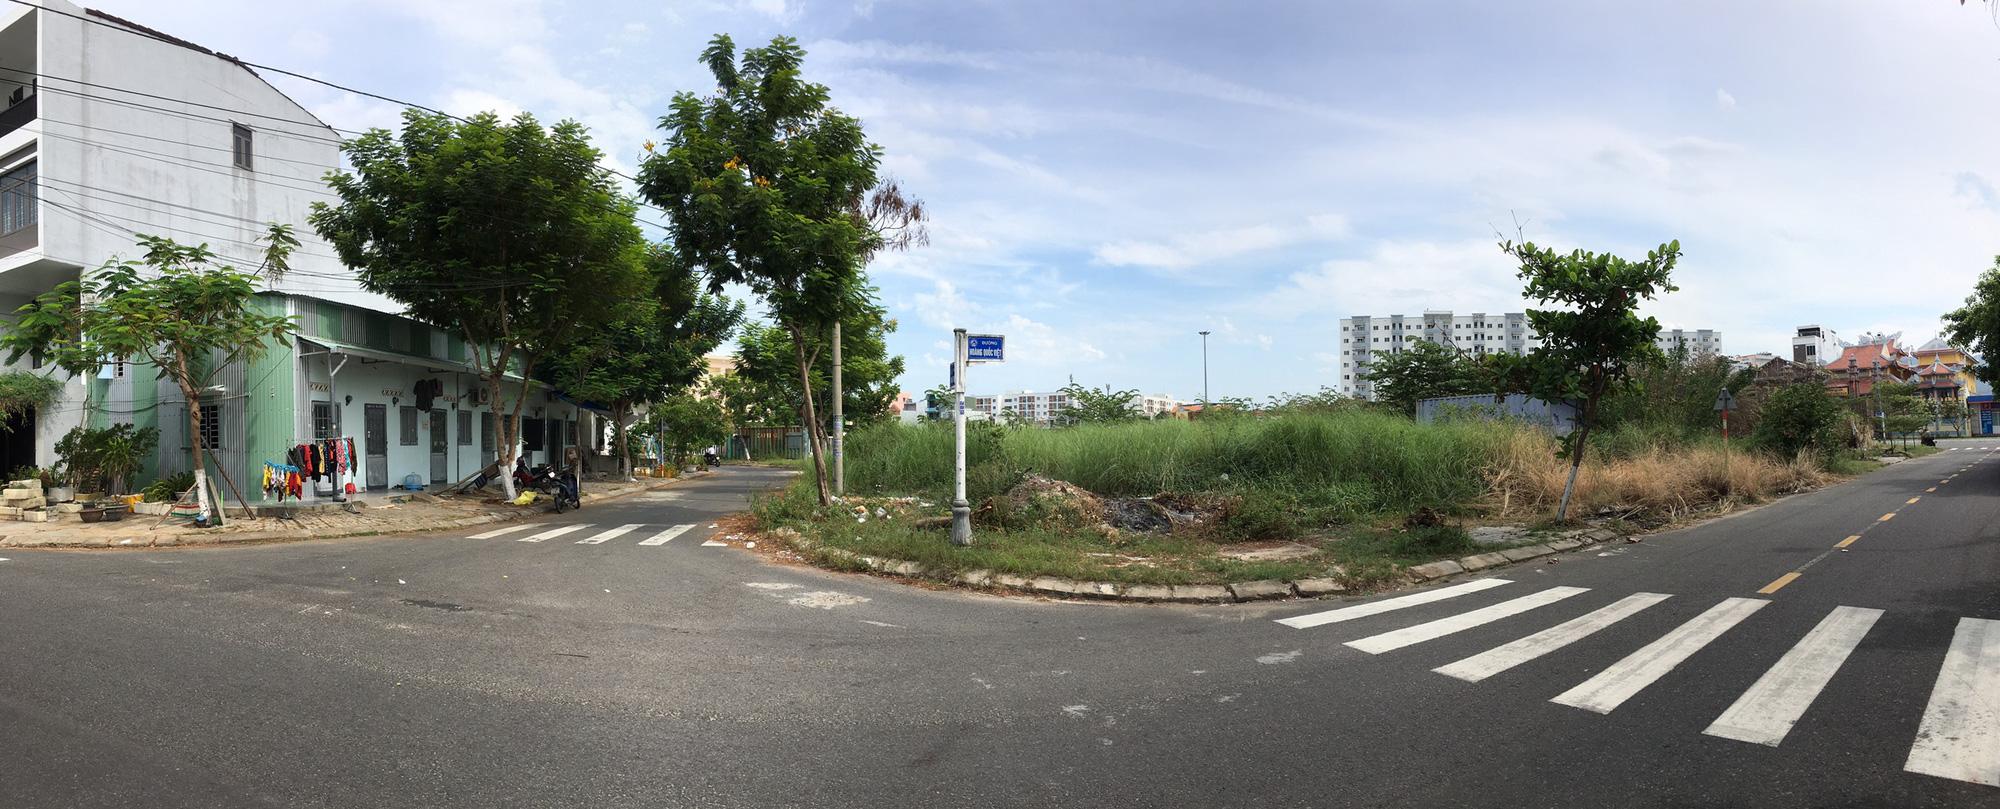 Ba khu đất sát sông Hàn, khu công nghiệp Thủy sản Đà Nẵng kêu gọi đầu tư - Ảnh 2.